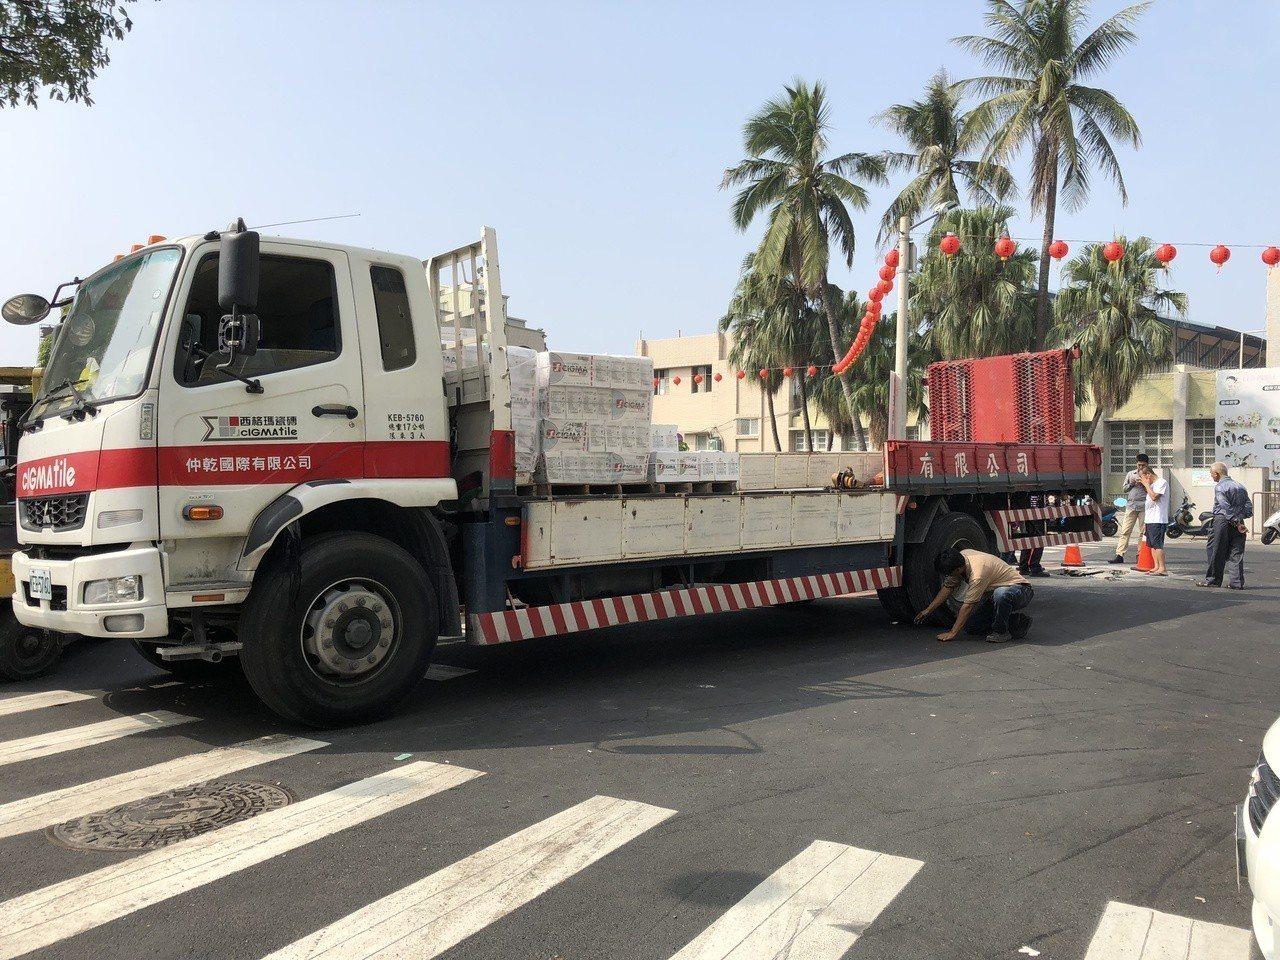 所幸這起事故無人受傷,業者察看大貨車受損狀況。記者邵心杰/攝影